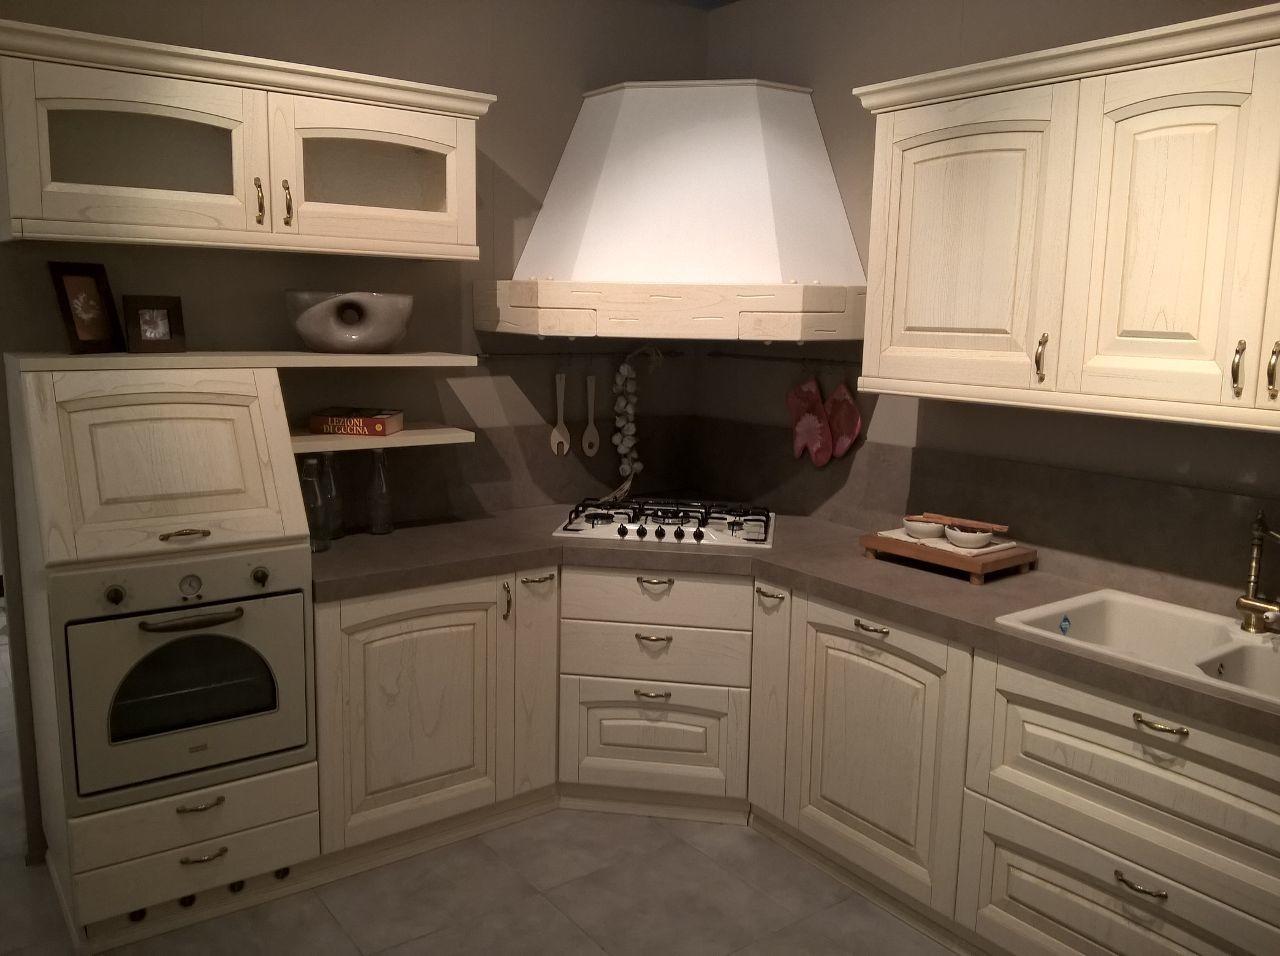 Promozioni Cucine e Arredamento  Centro Cucine